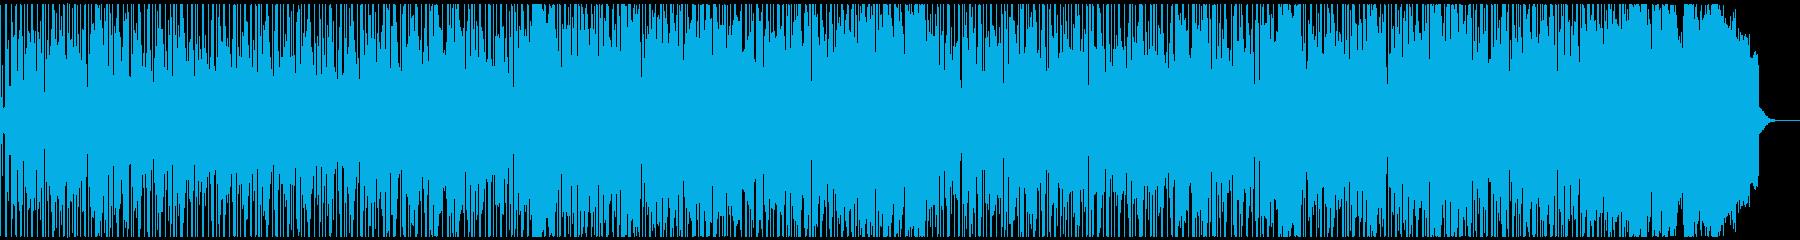 和風でリラックスできるスムースジャズの再生済みの波形